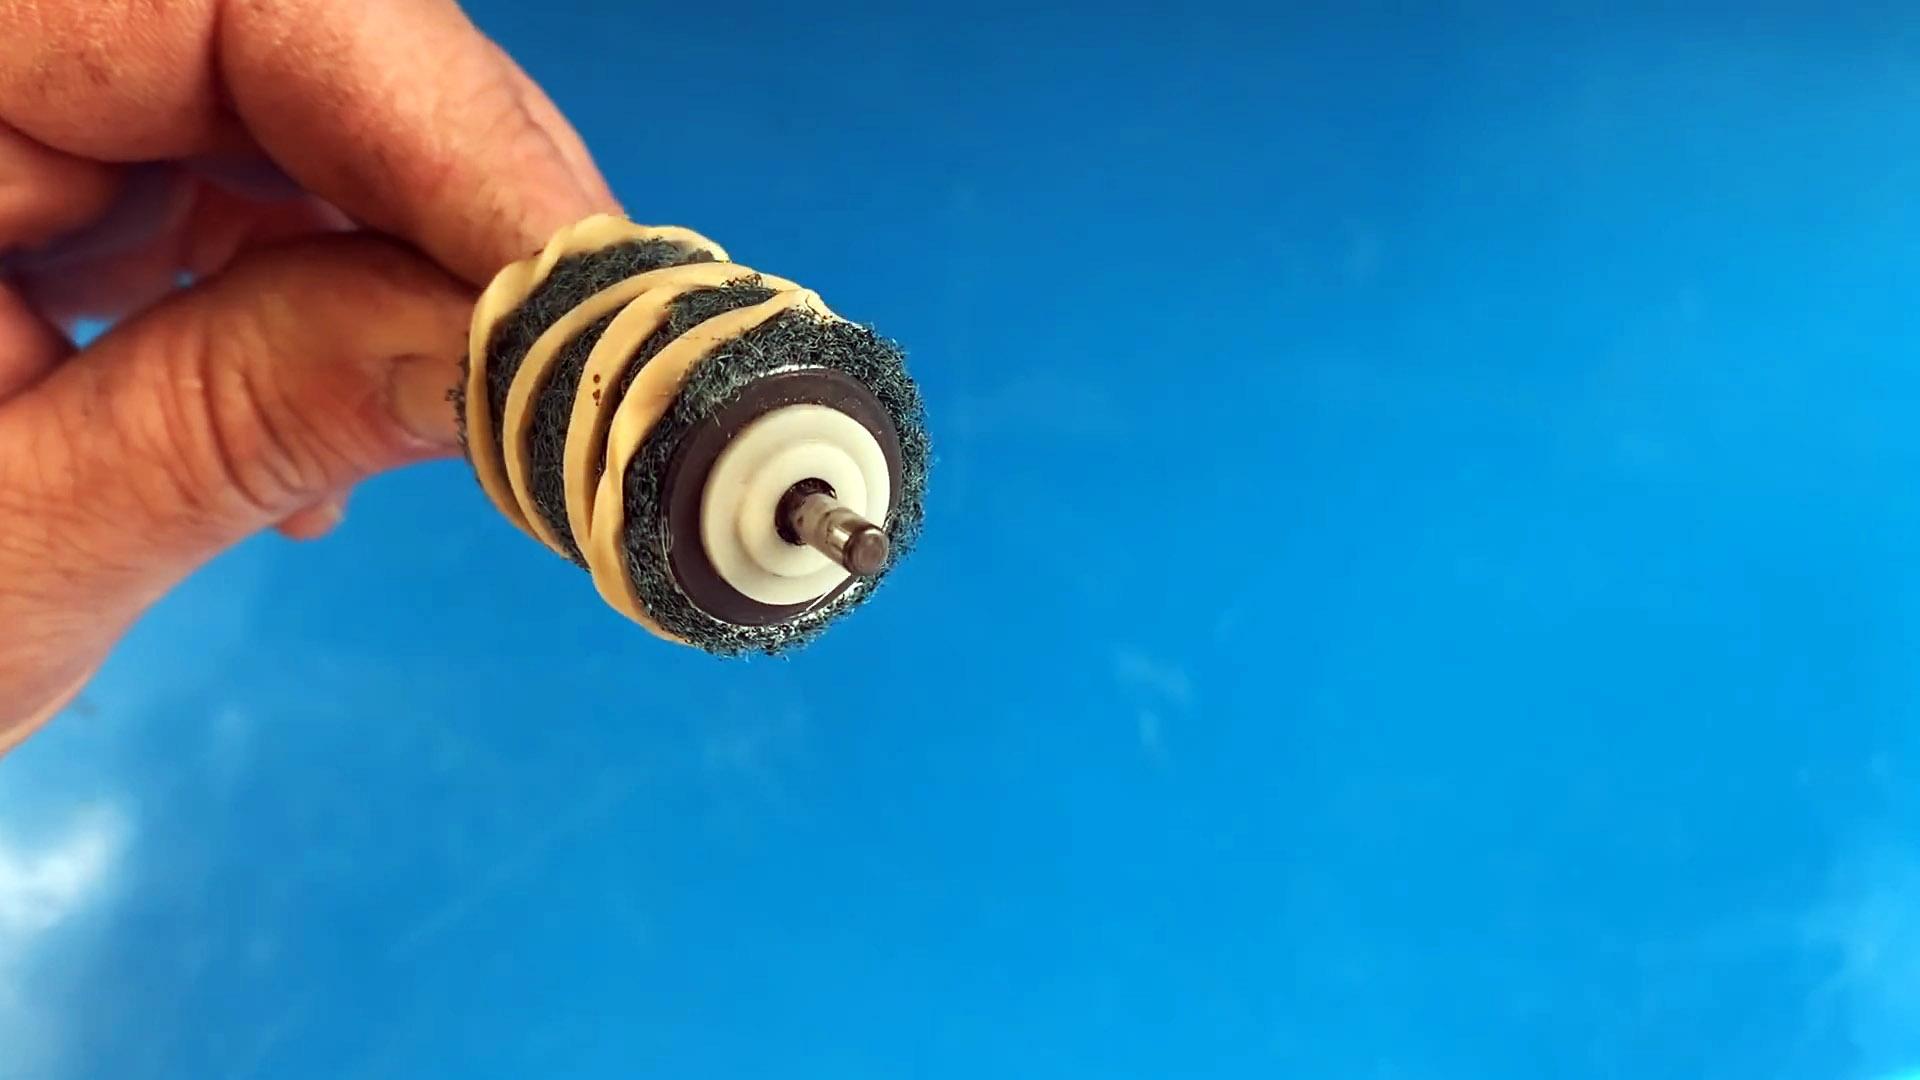 1 идея по использованию якорей от сгоревших моторов